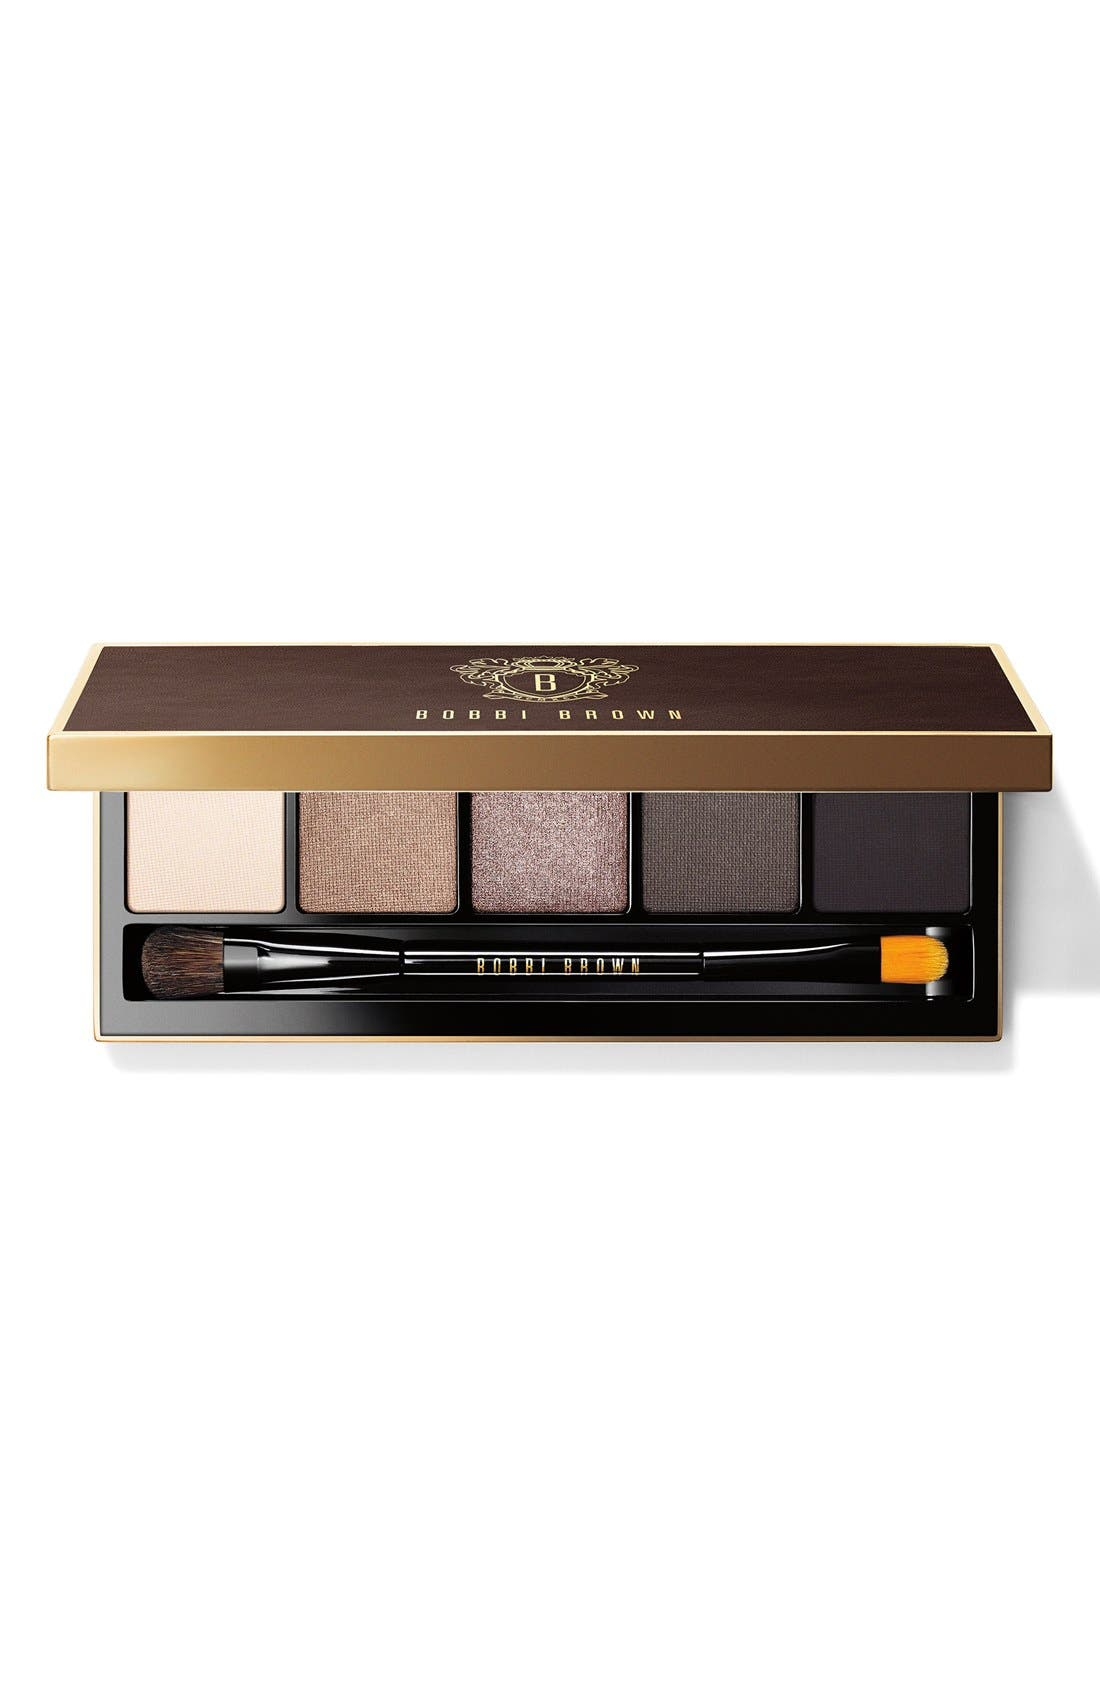 BOBBI BROWN 'Cool Dusk' Eye Palette, Main, color, 200